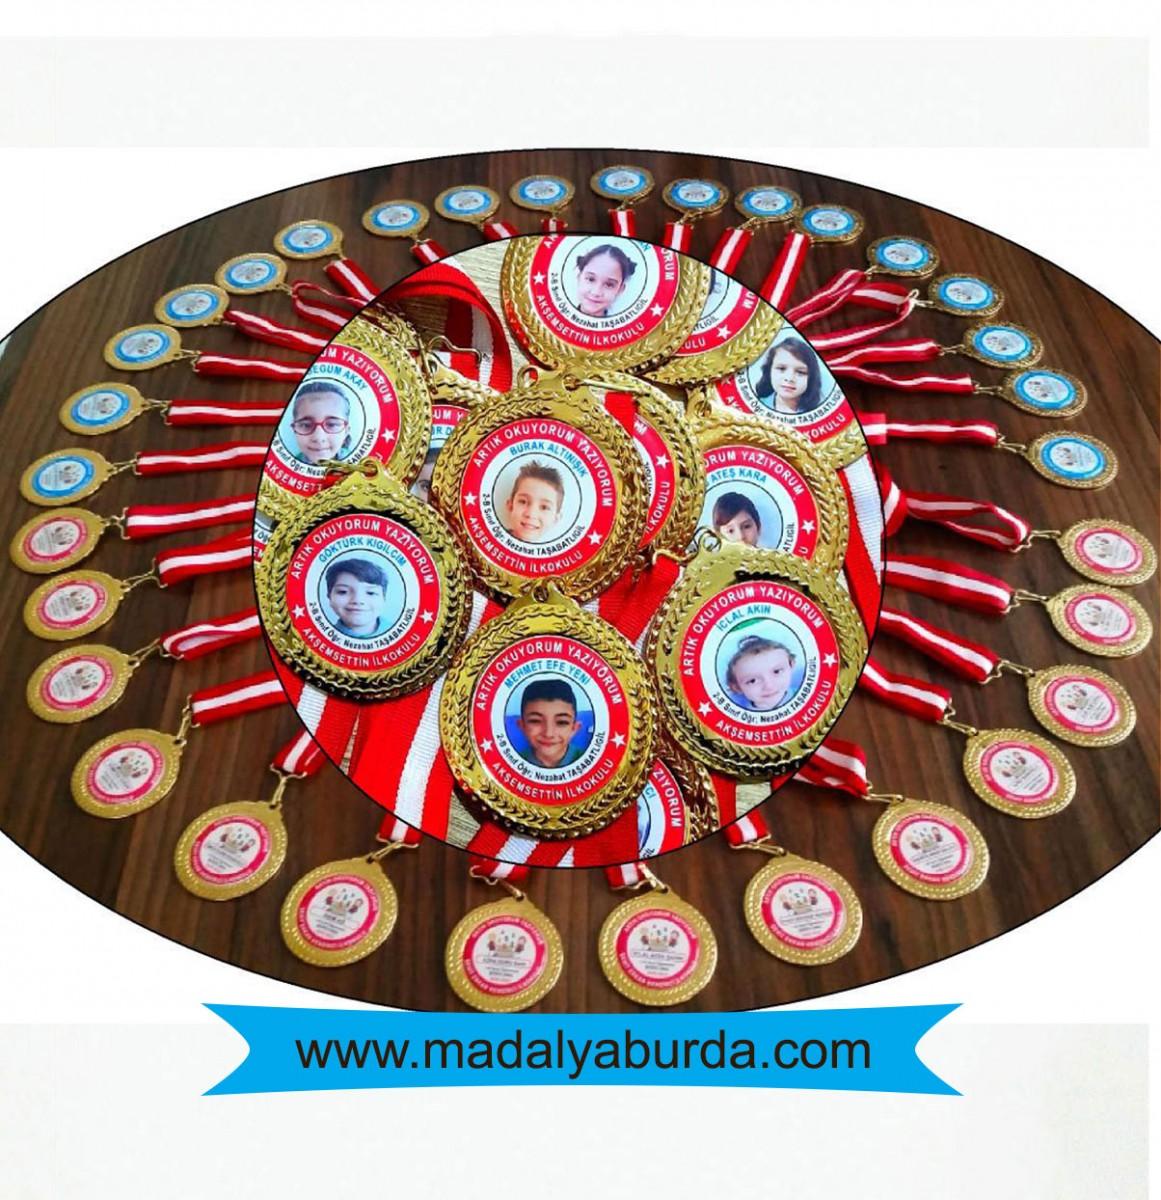 Resimli İsimli Madalya